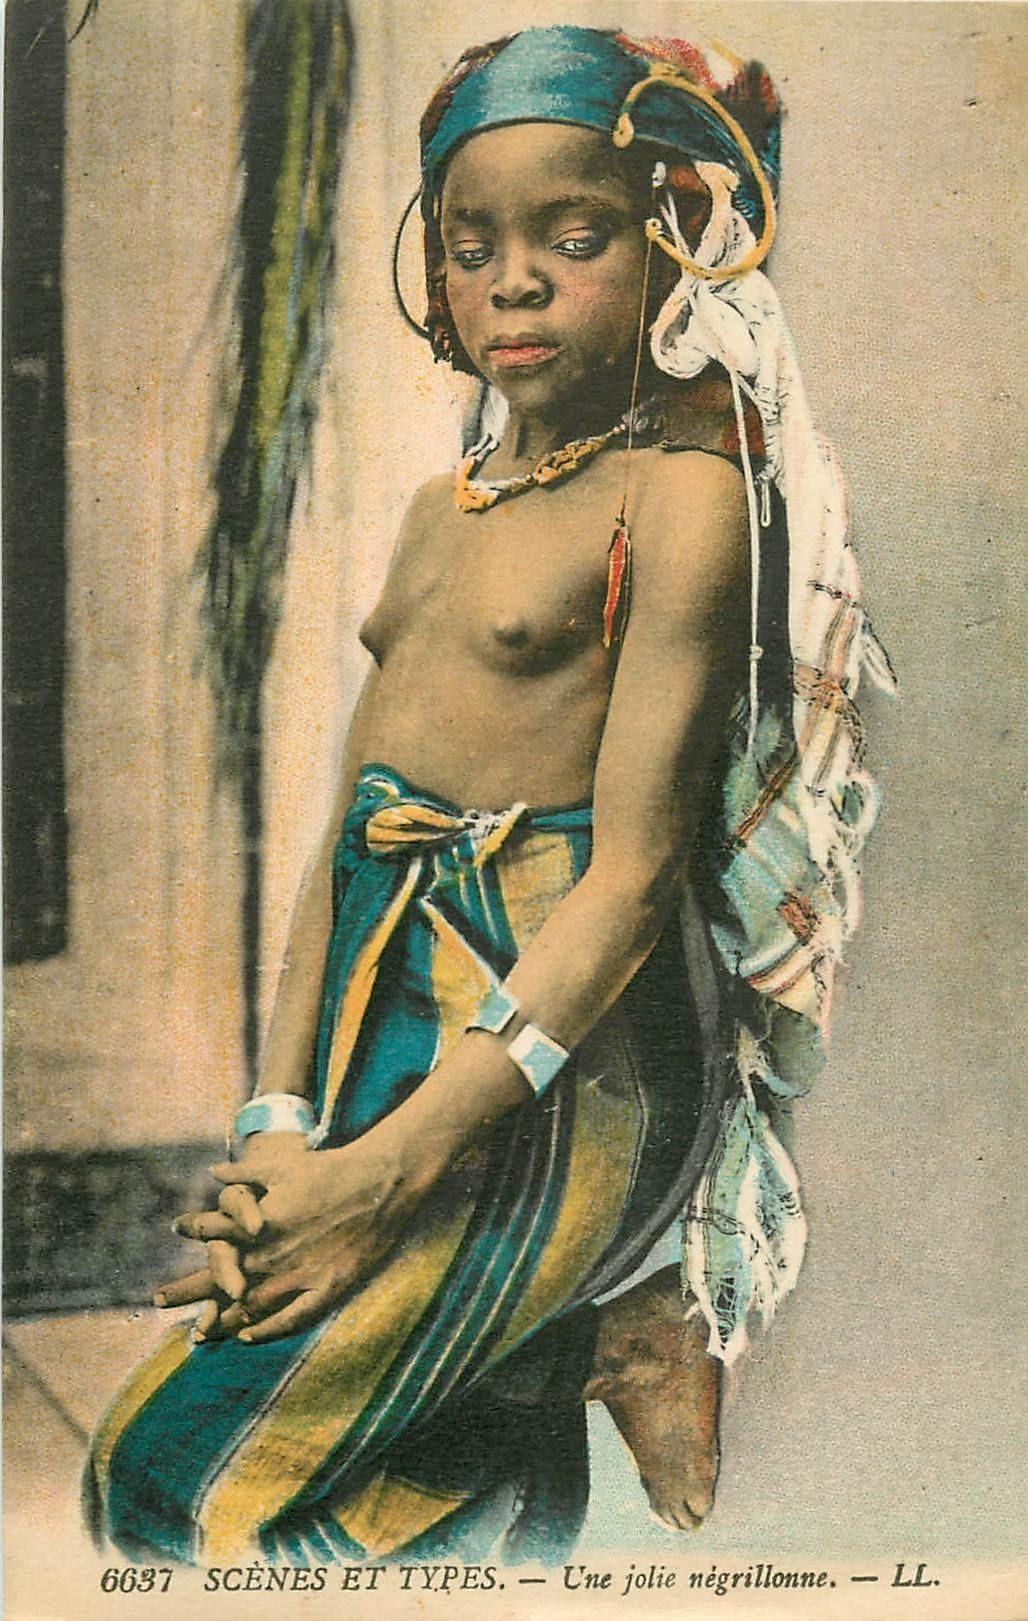 WW AFRIQUE DU NORD. Nus ethniques. Une jolie Négrillonne aux seins nus